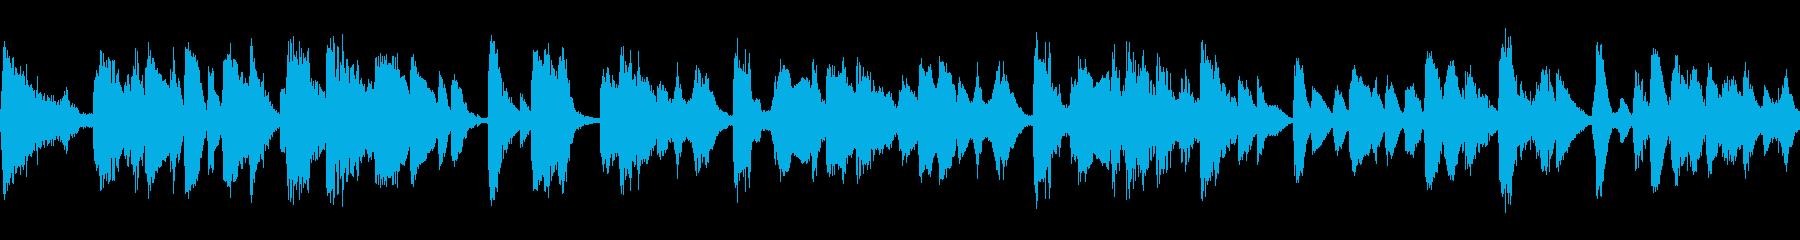 軽快なジャジーなピアノ曲の再生済みの波形